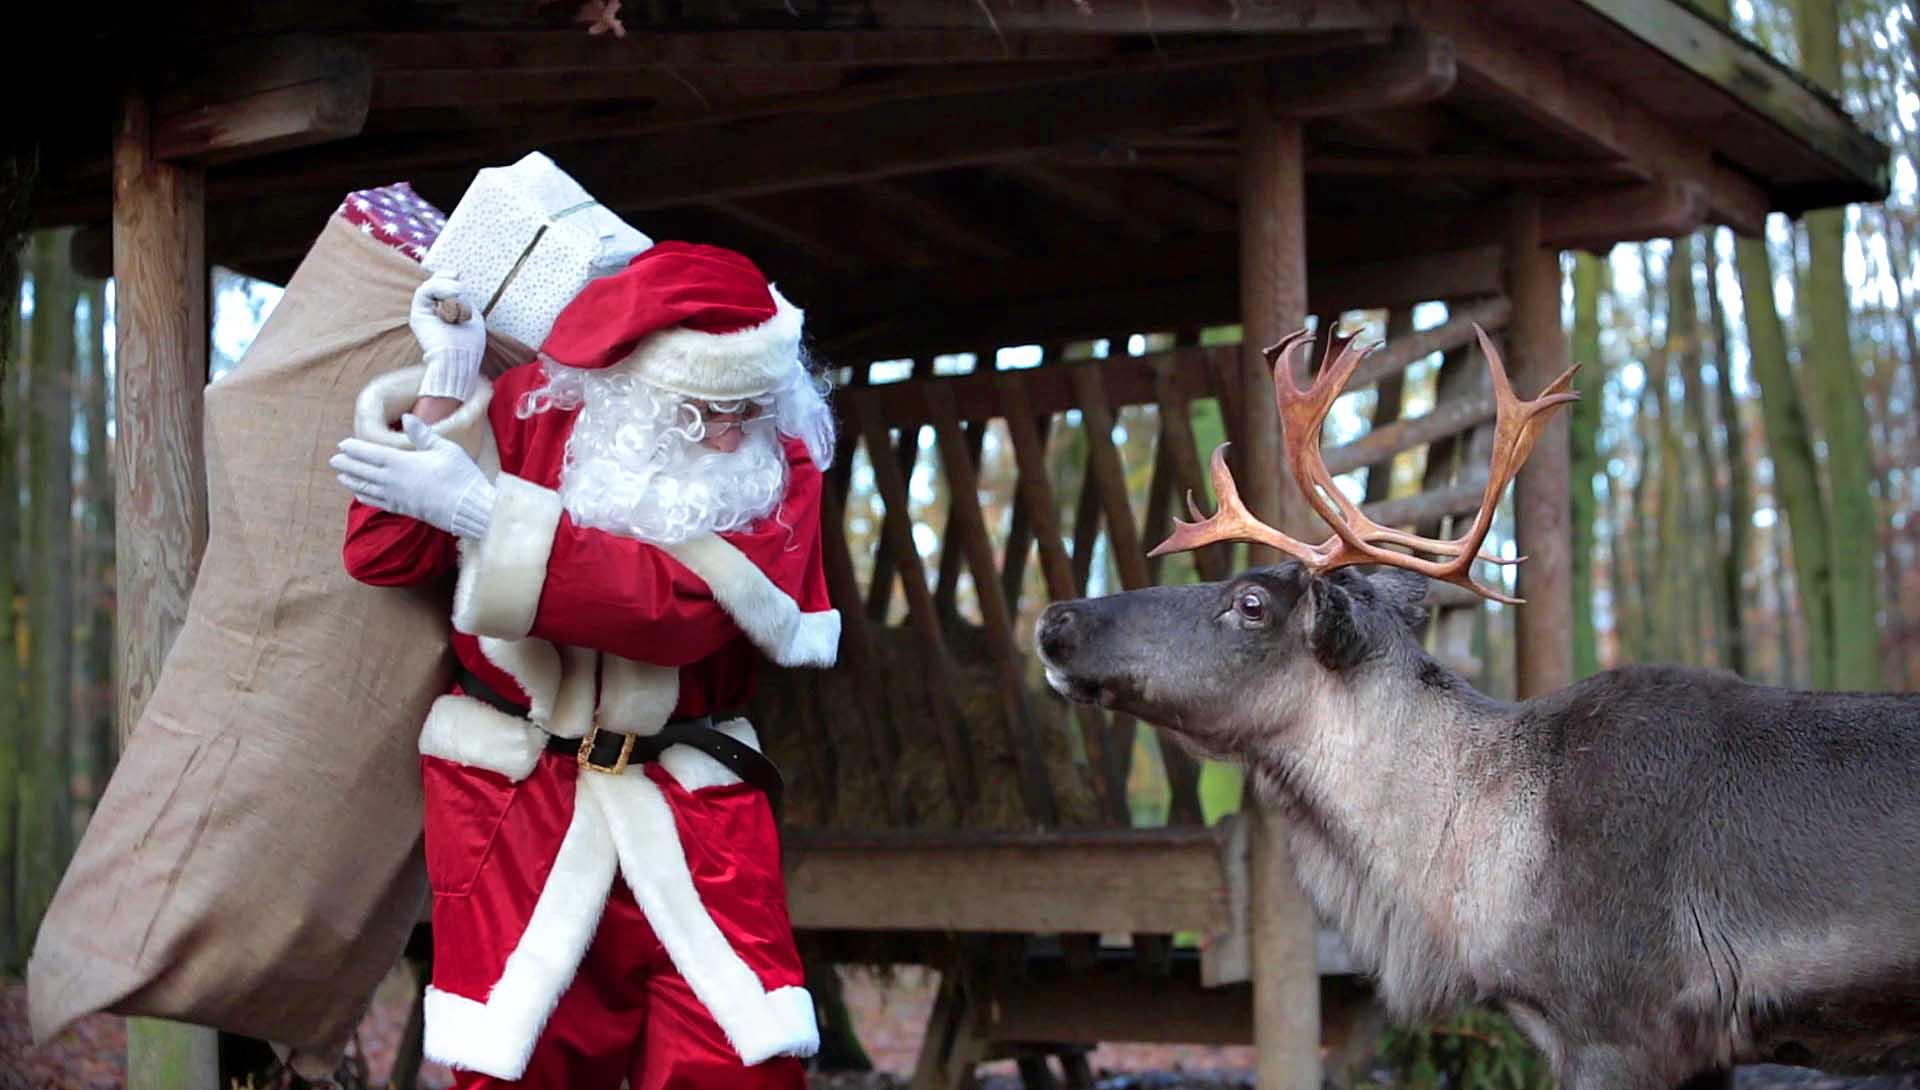 ÜSTRA - Weihnachtsfilm 2016